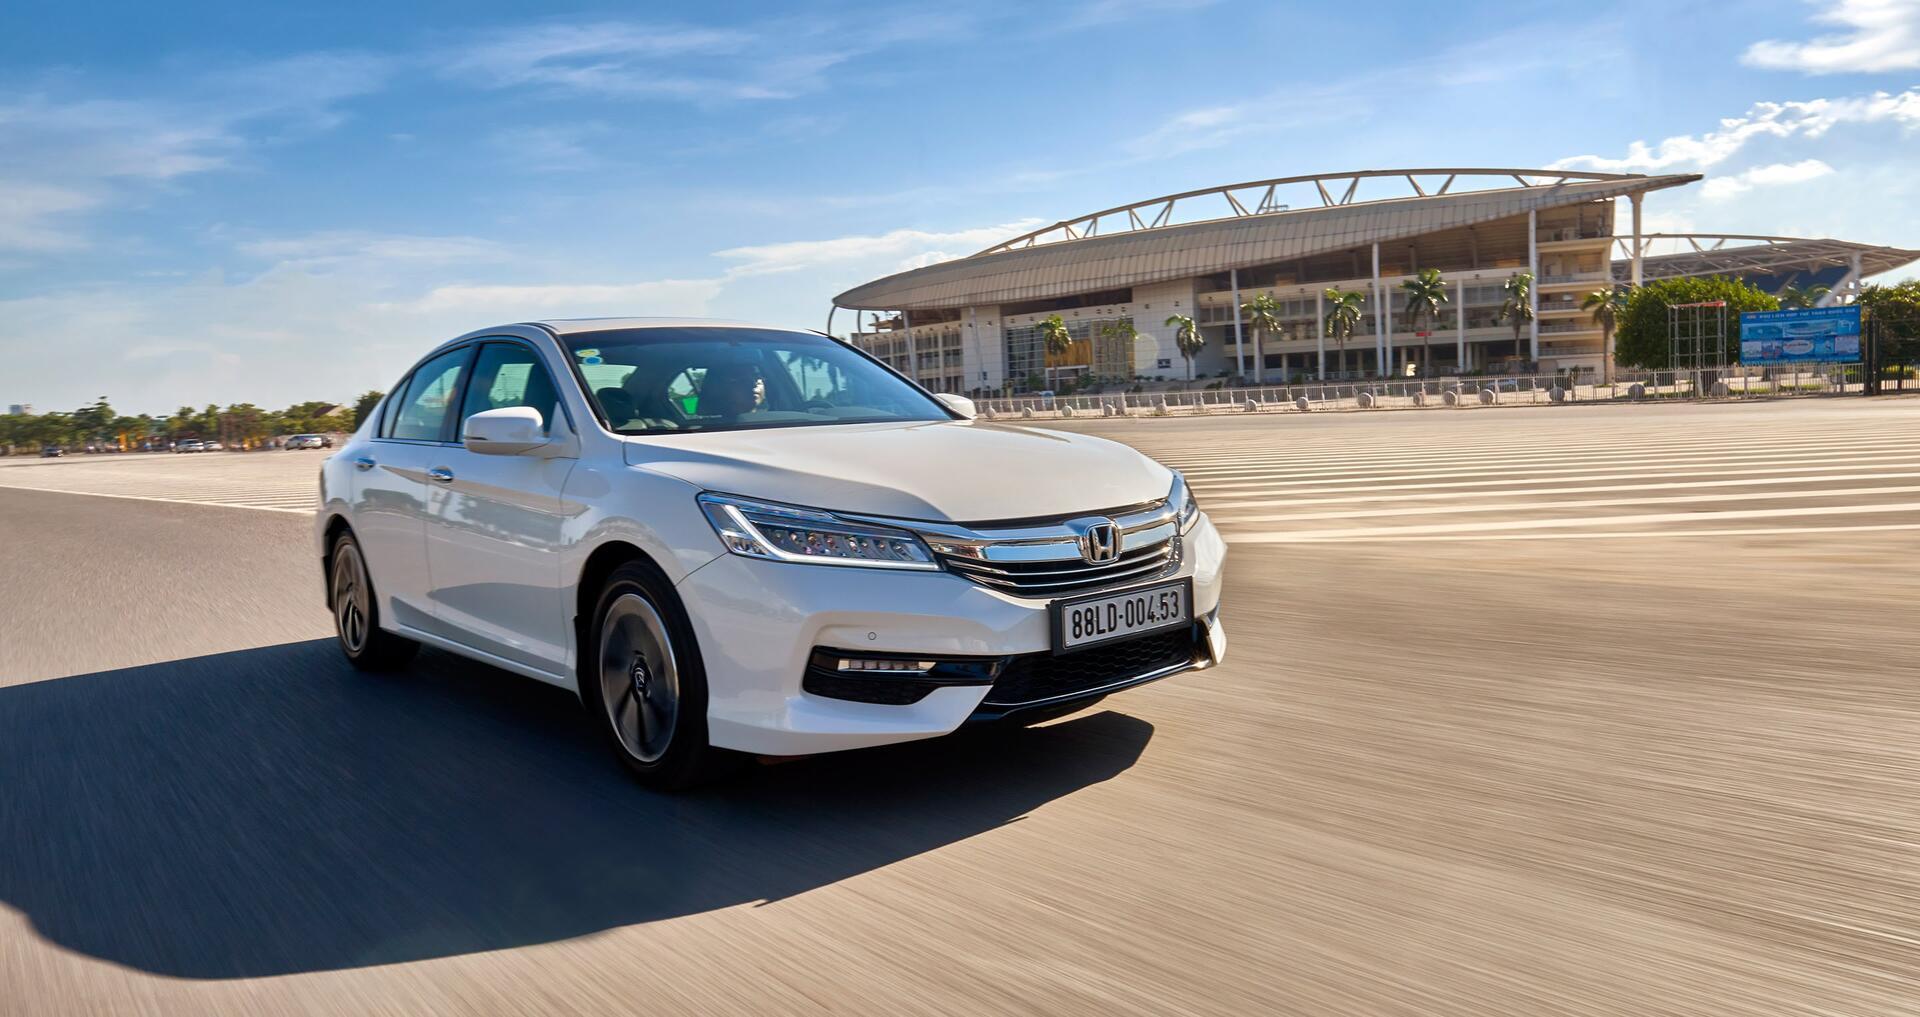 Đánh giá Honda Accord 2016: Ưa nhìn hơn, trang bị tốt hơn và lái phấn khích hơn - Hình 35